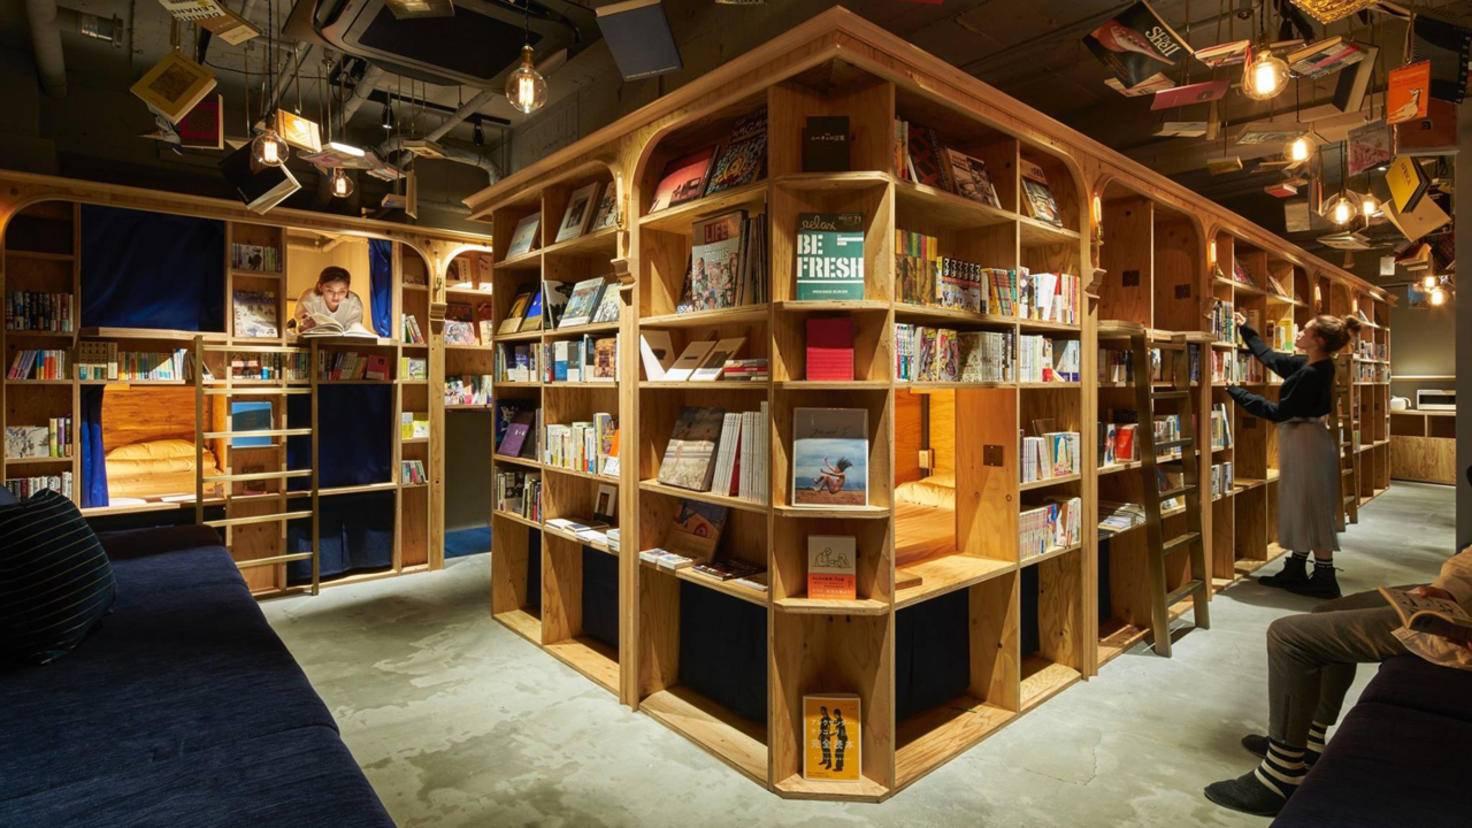 Die Betten im Book & Bed Hostel liegen versteckt zwischen Bücherreihen.